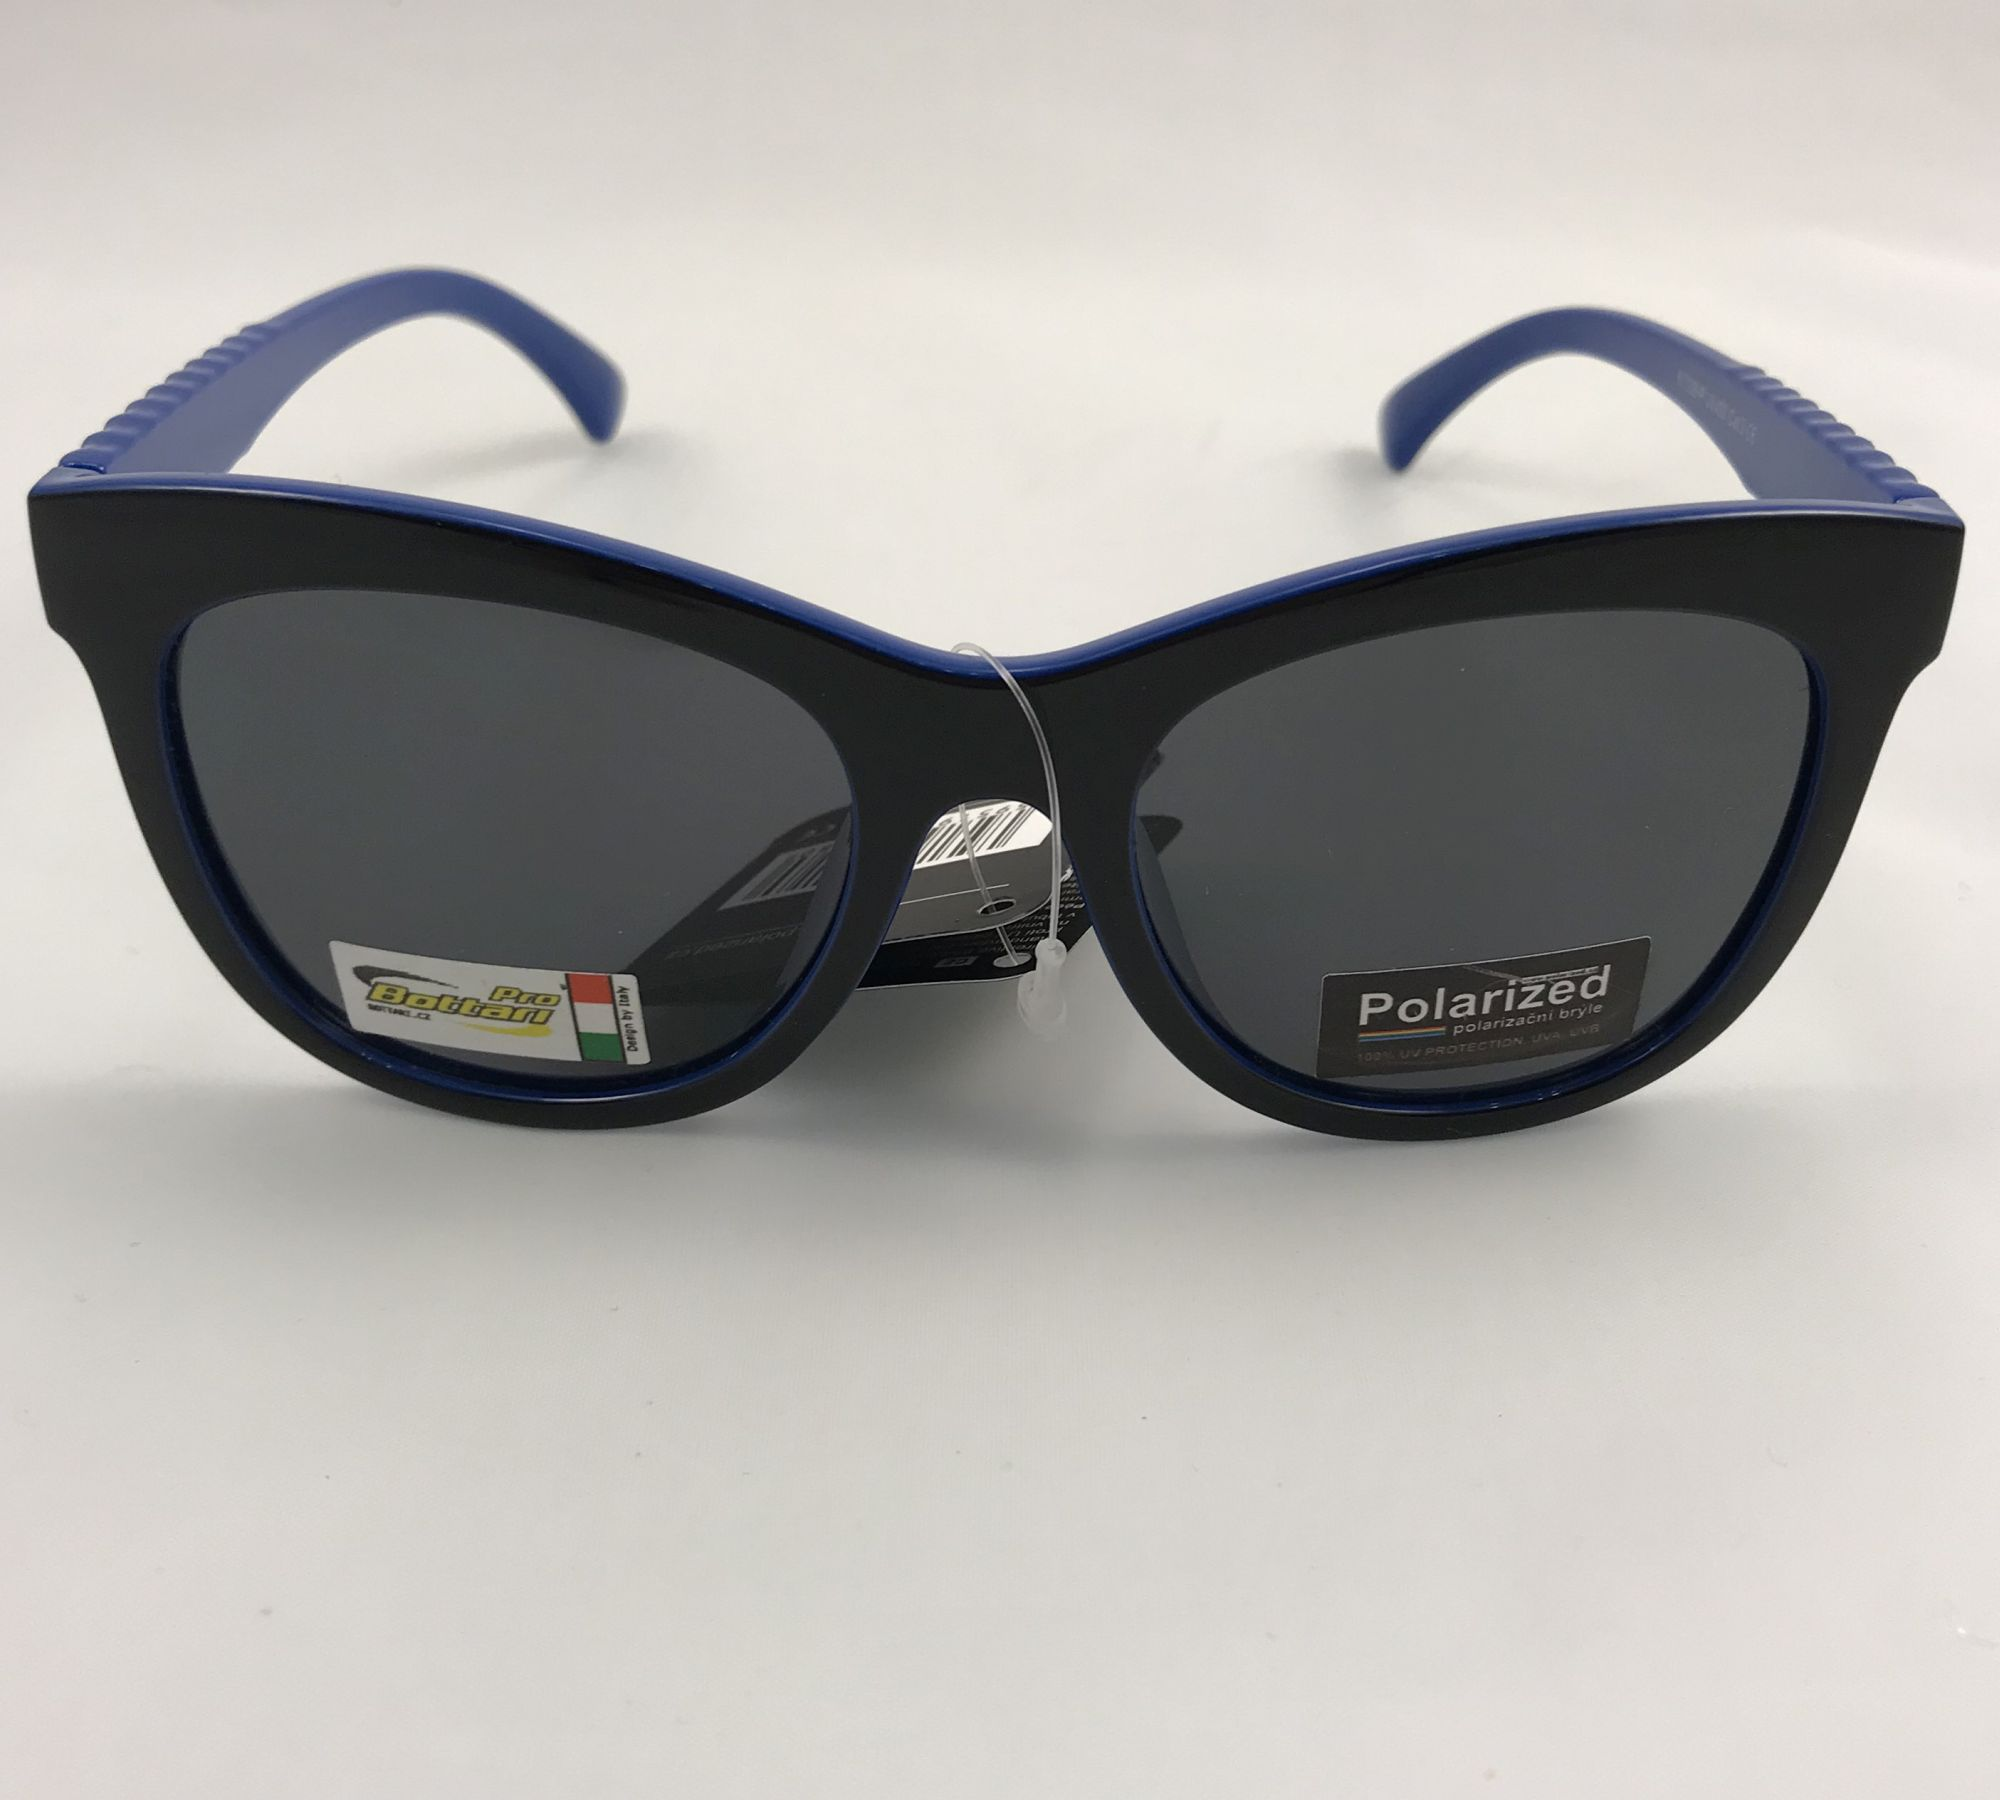 Polarized Brýle polarizační plastové modro-černé lesklé K7308-m